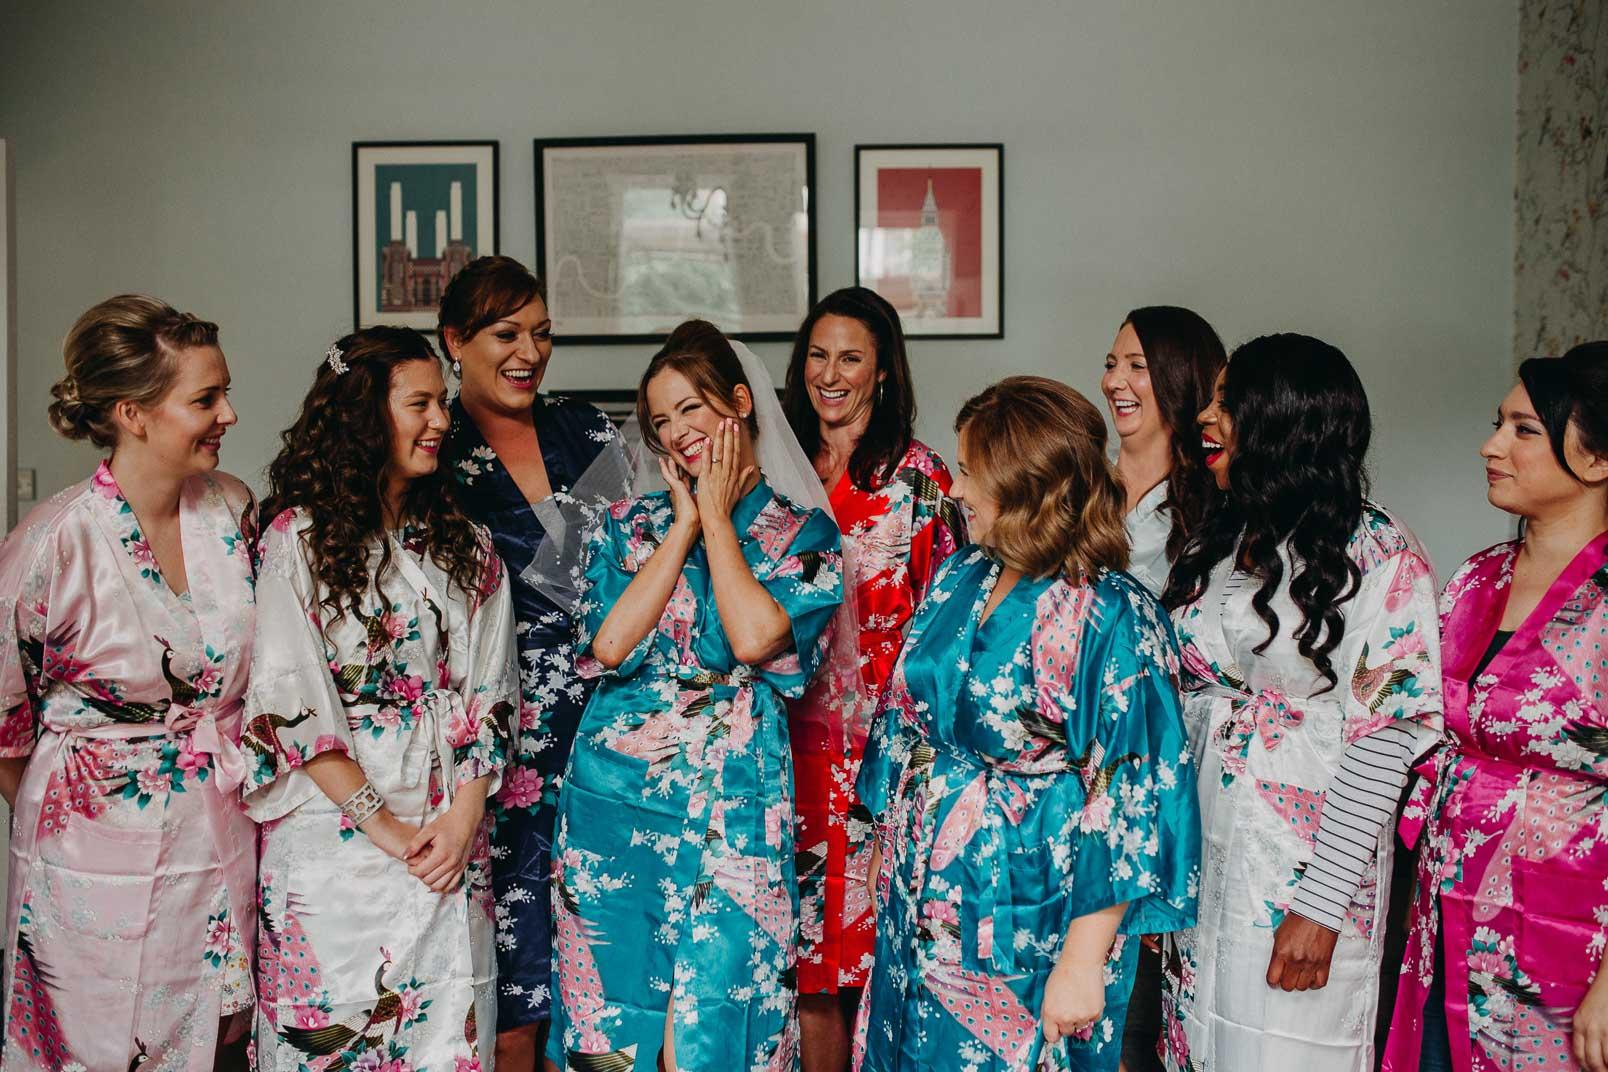 happy portrait of bride and bridesmaids